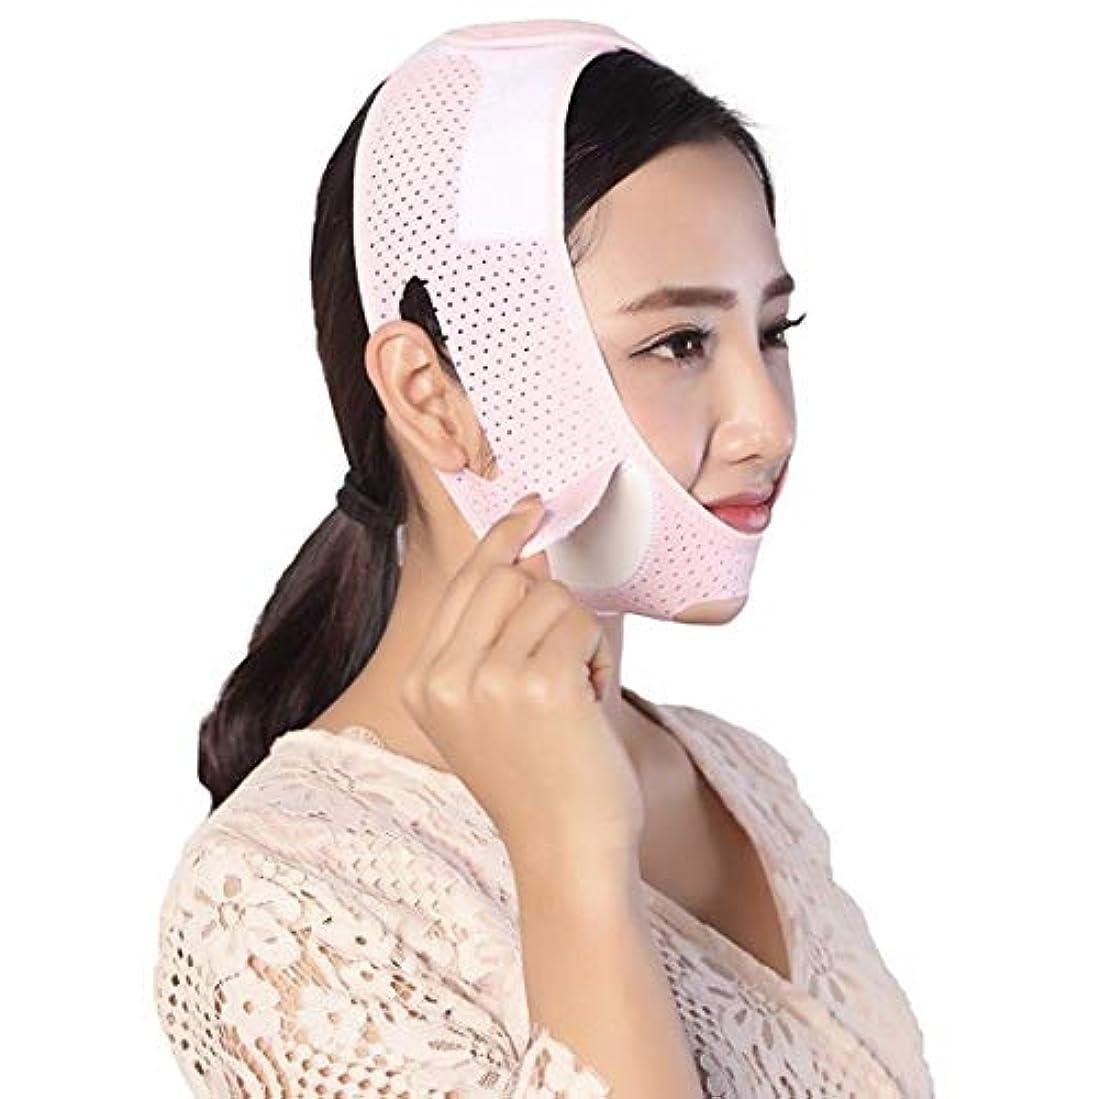 弱まる再集計チームZWBD フェイスマスク, フェイスリフティングベルトリフティングVフェイスライン包帯フェイシャル引き締め二重あごの法則睡眠マスク通気性